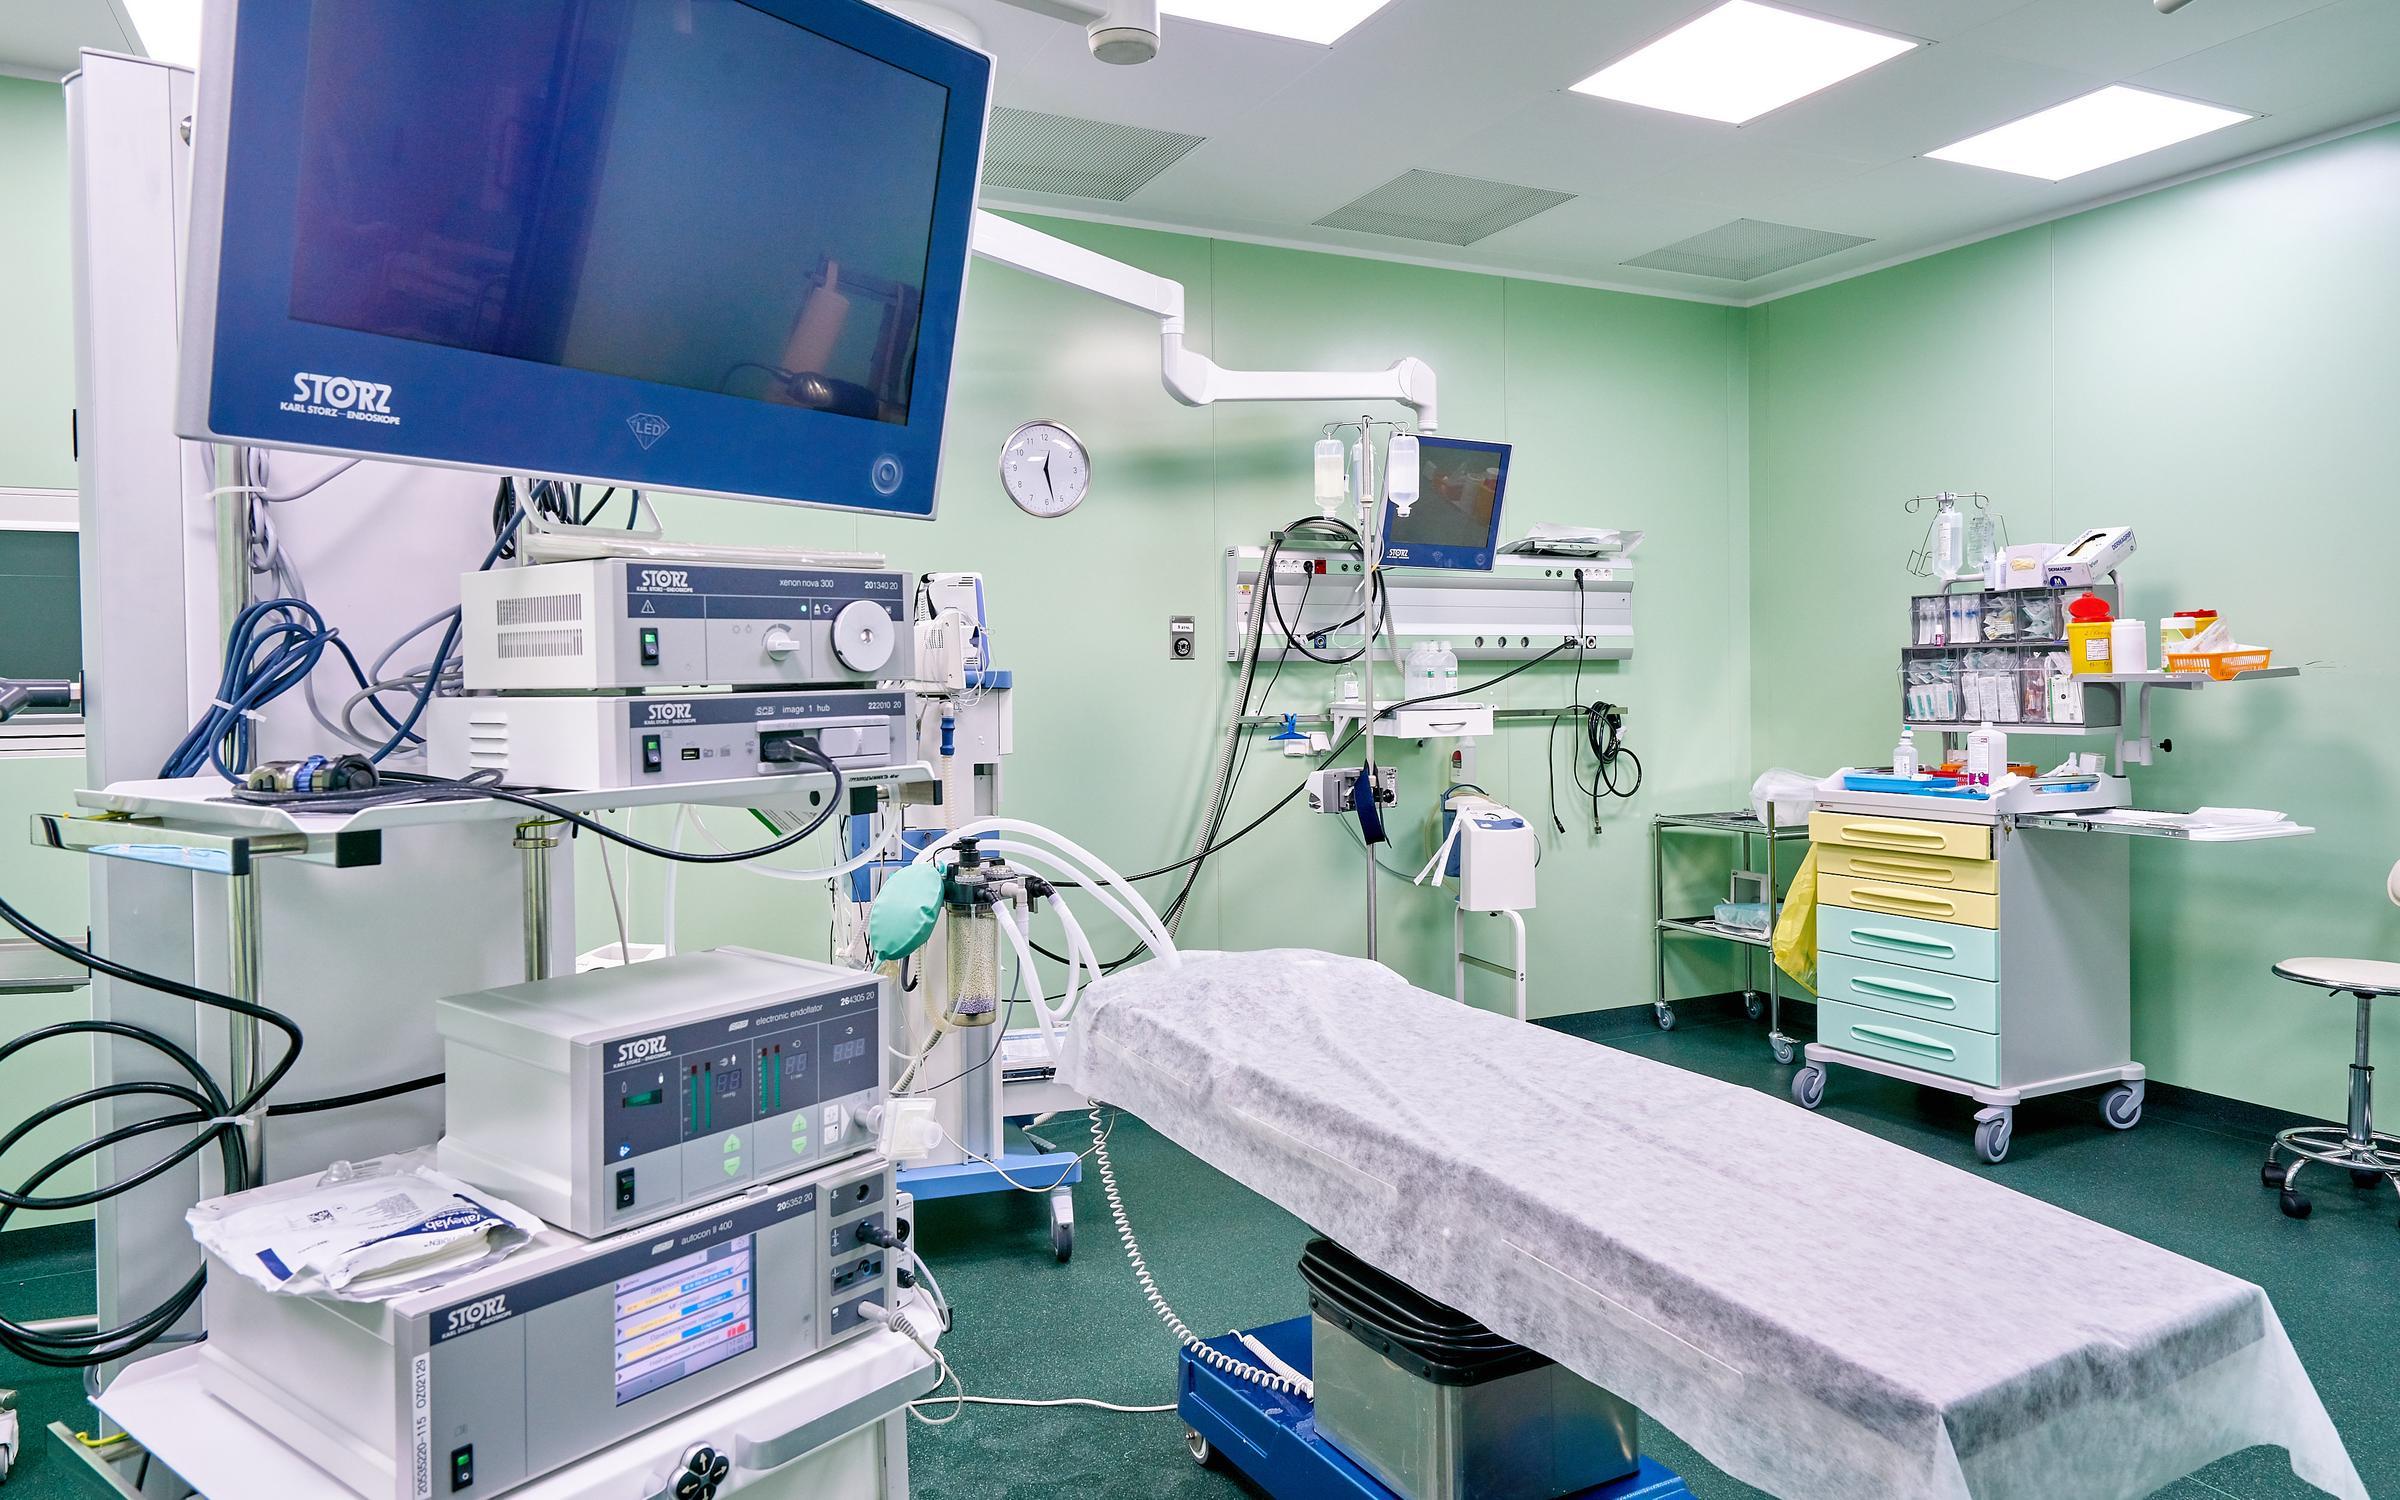 фотография Клиники СМТ в Адмиралтейском районе на проспекте Римского-Корсакова, 87